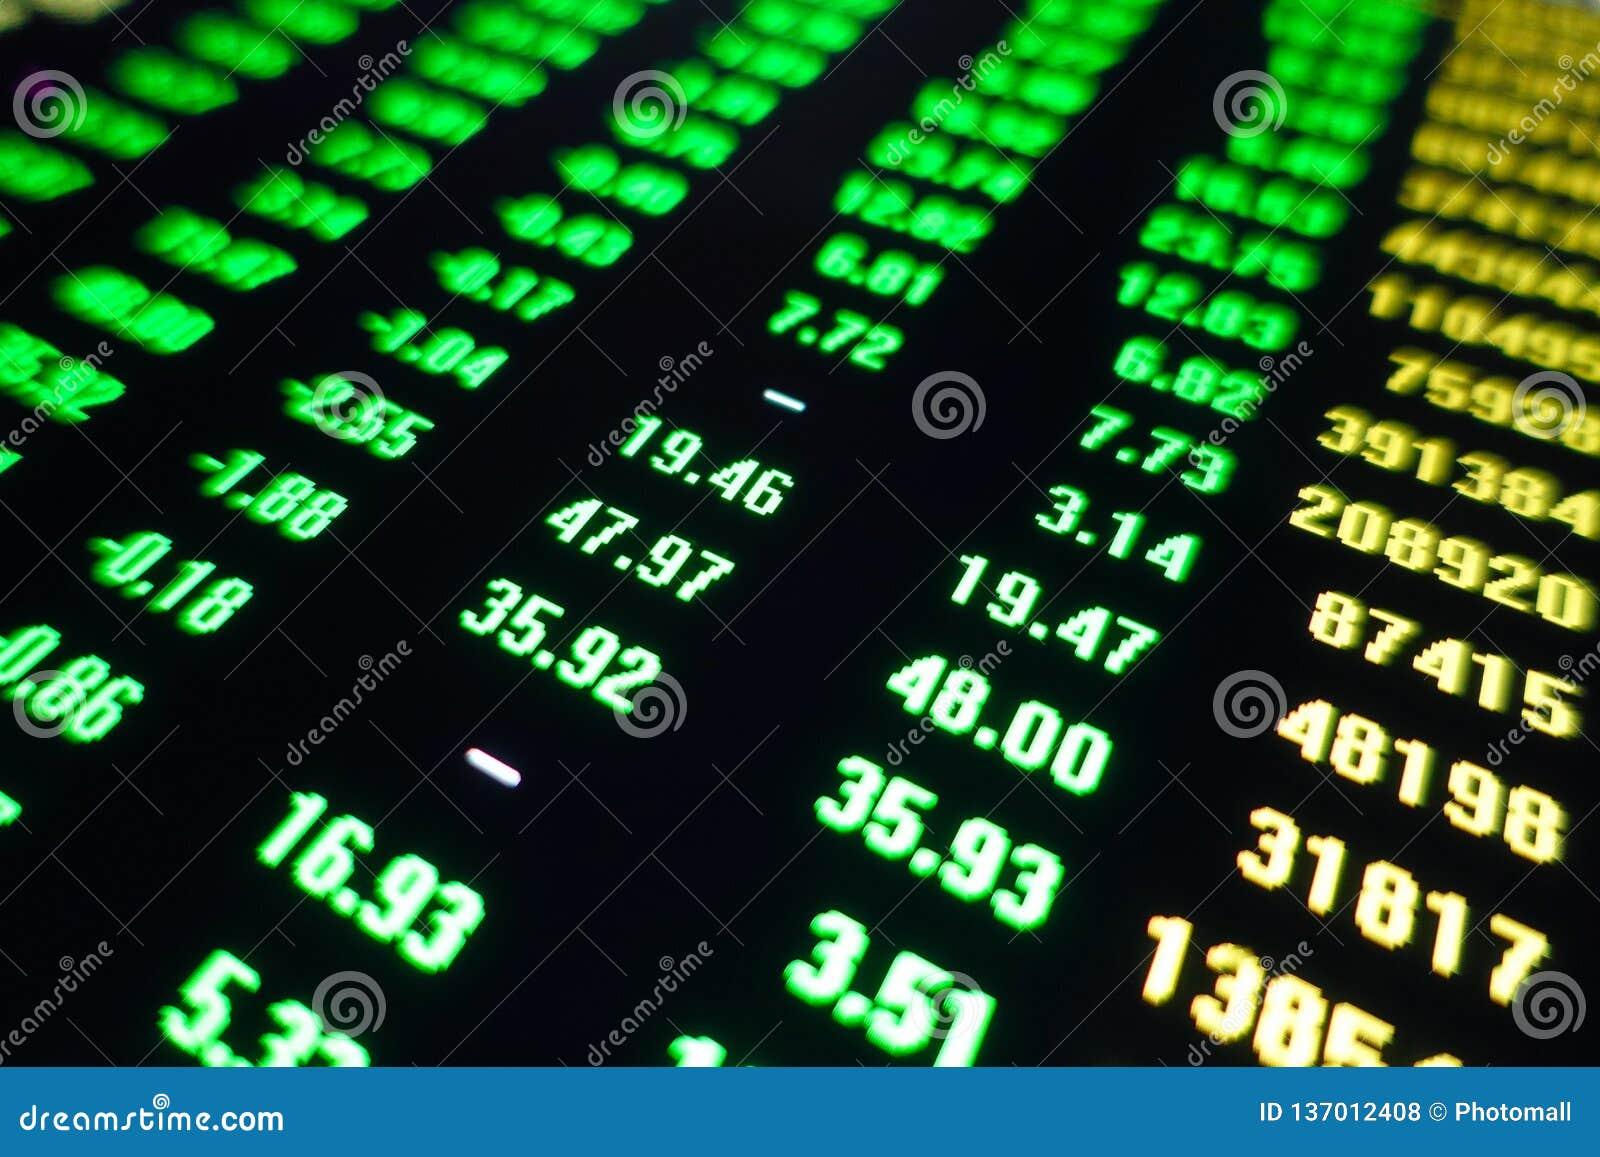 Rynek Papierów Wartościowych handlu ceny zieleni ekran